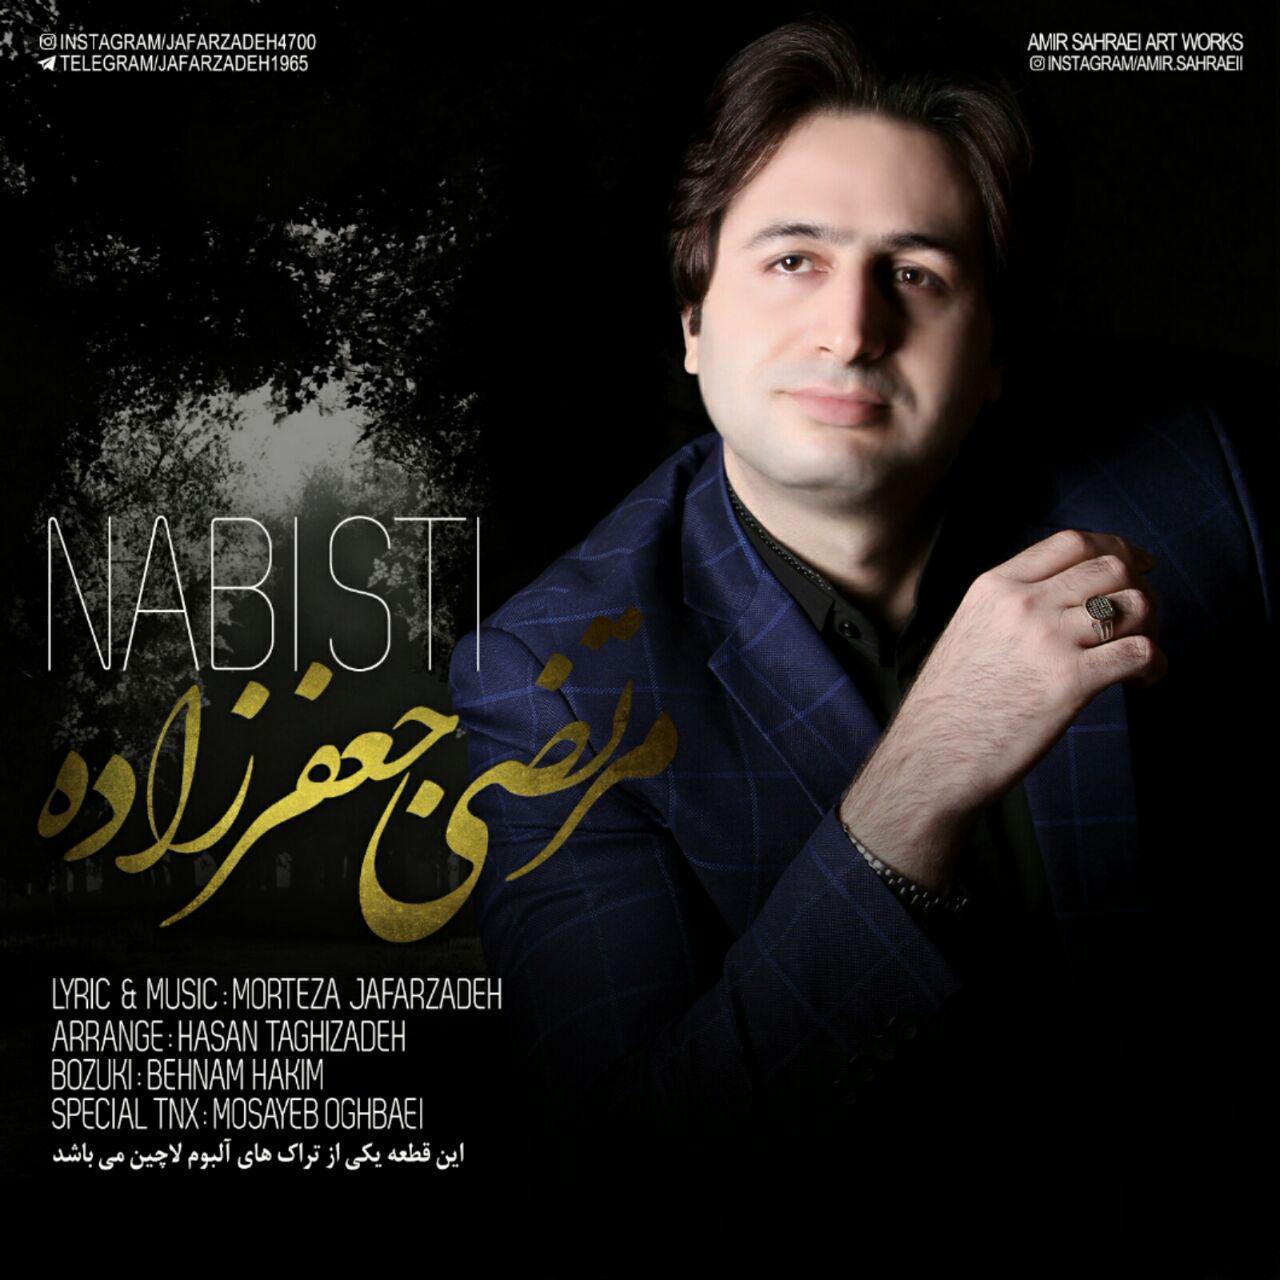 آهنگ جدید و بسیارزیبا از مرتضی جعفرزاده به نام نبیستی در کرمانج موزیک